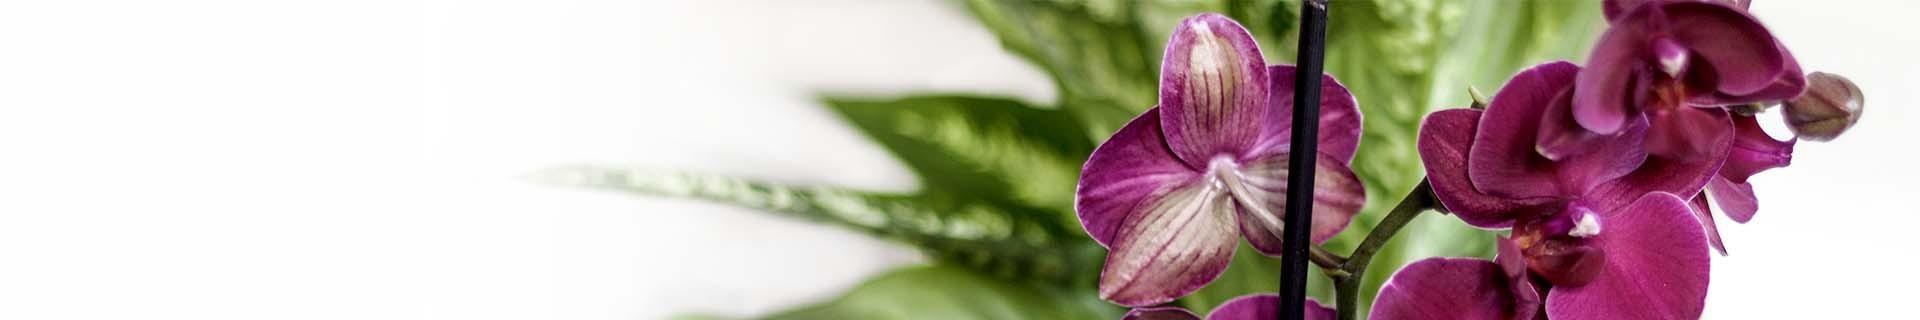 Plantes d'intérieurs Citysens